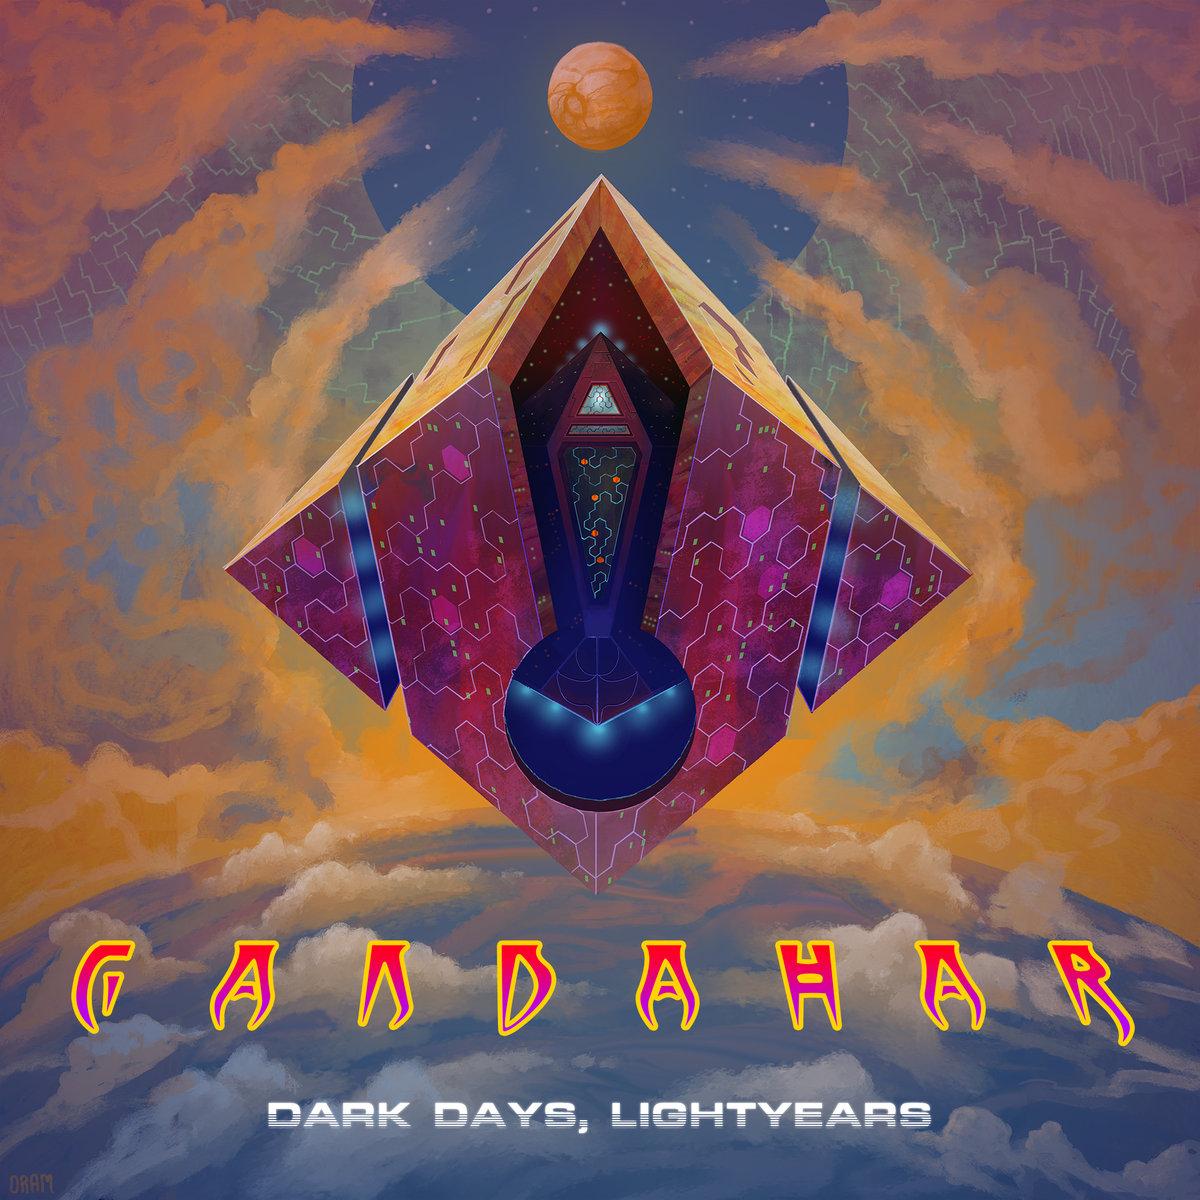 Dark Days Lightyears Gandahar